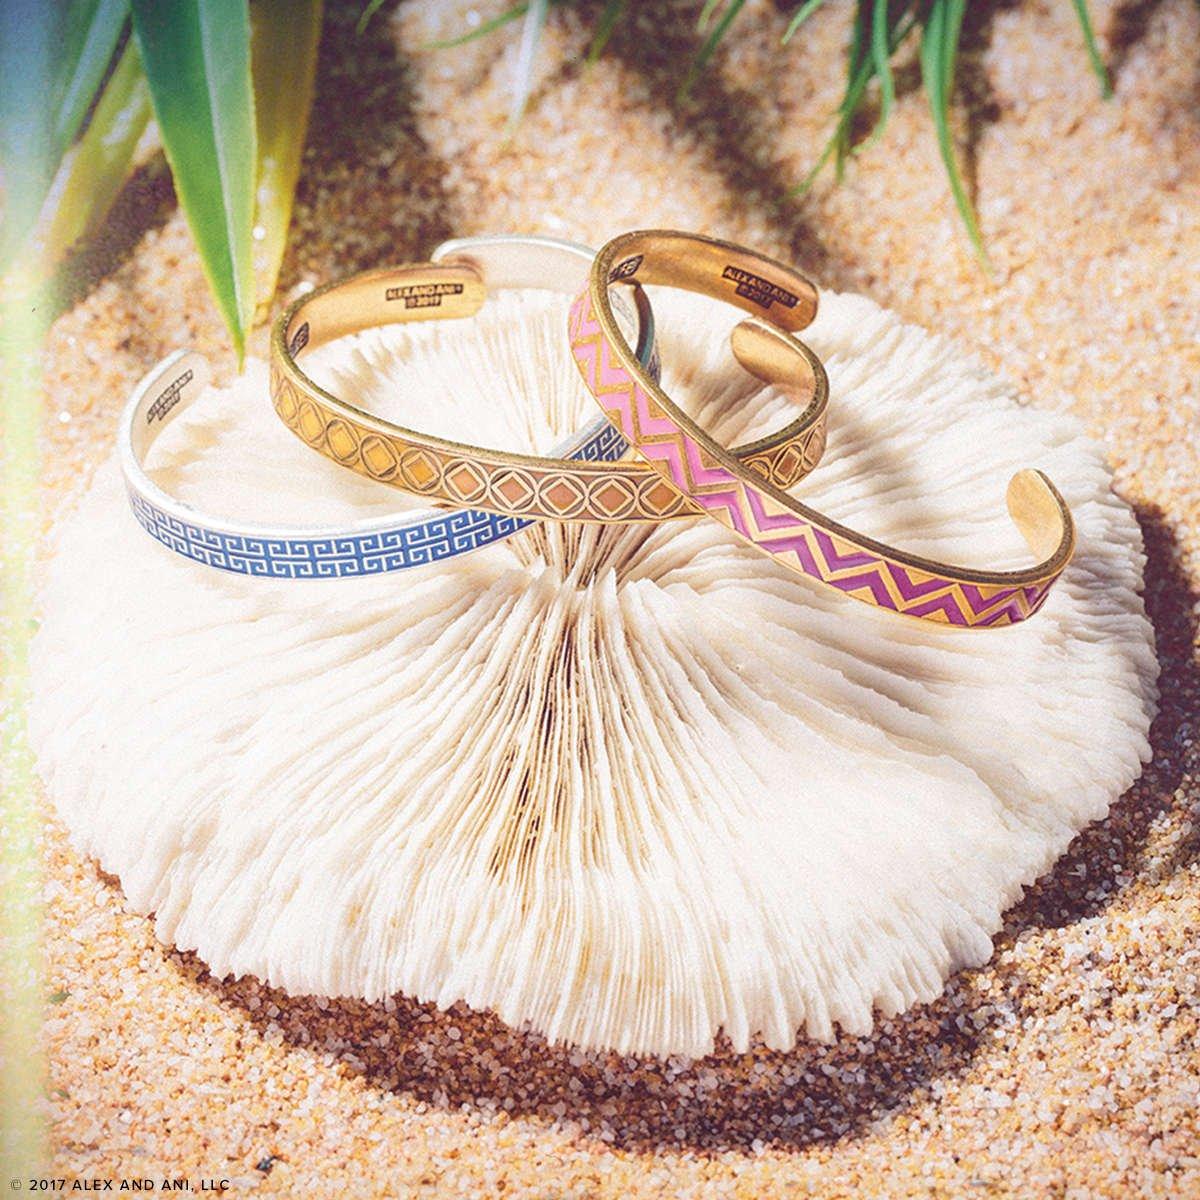 Colección Cuffs de brazaletes rígidos de Alex and Ani